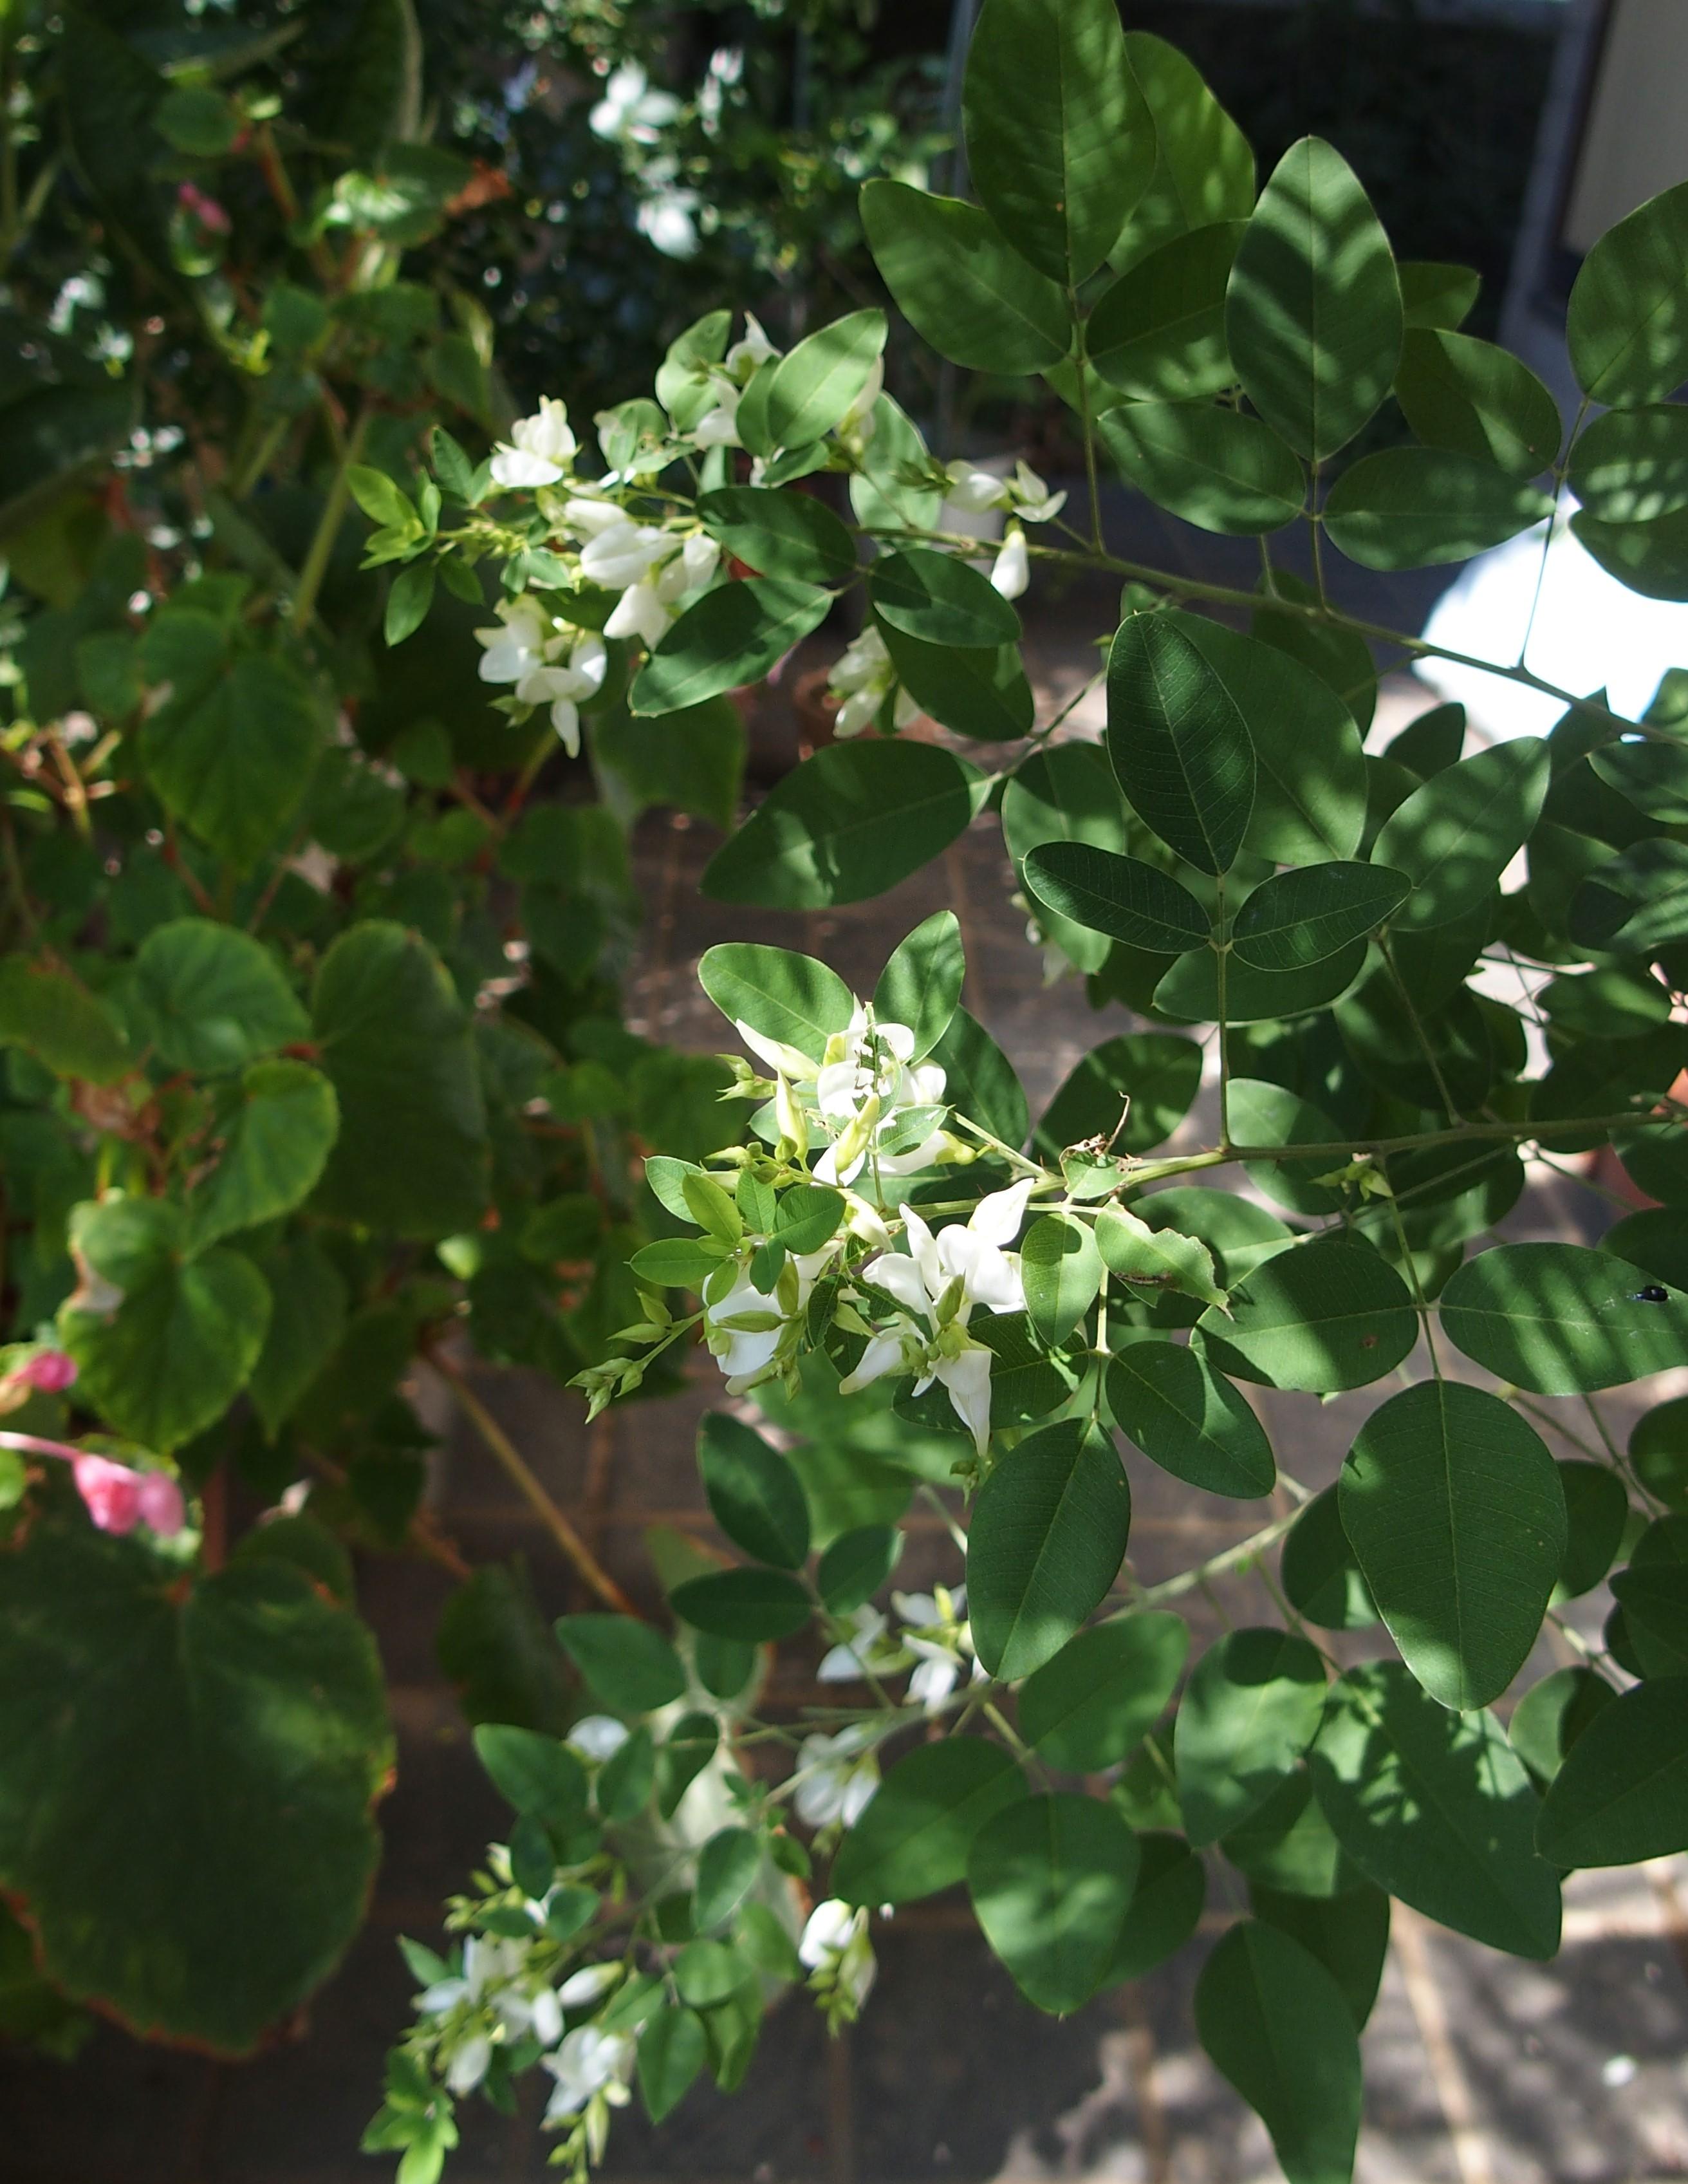 庭日記3 白花萩との再会